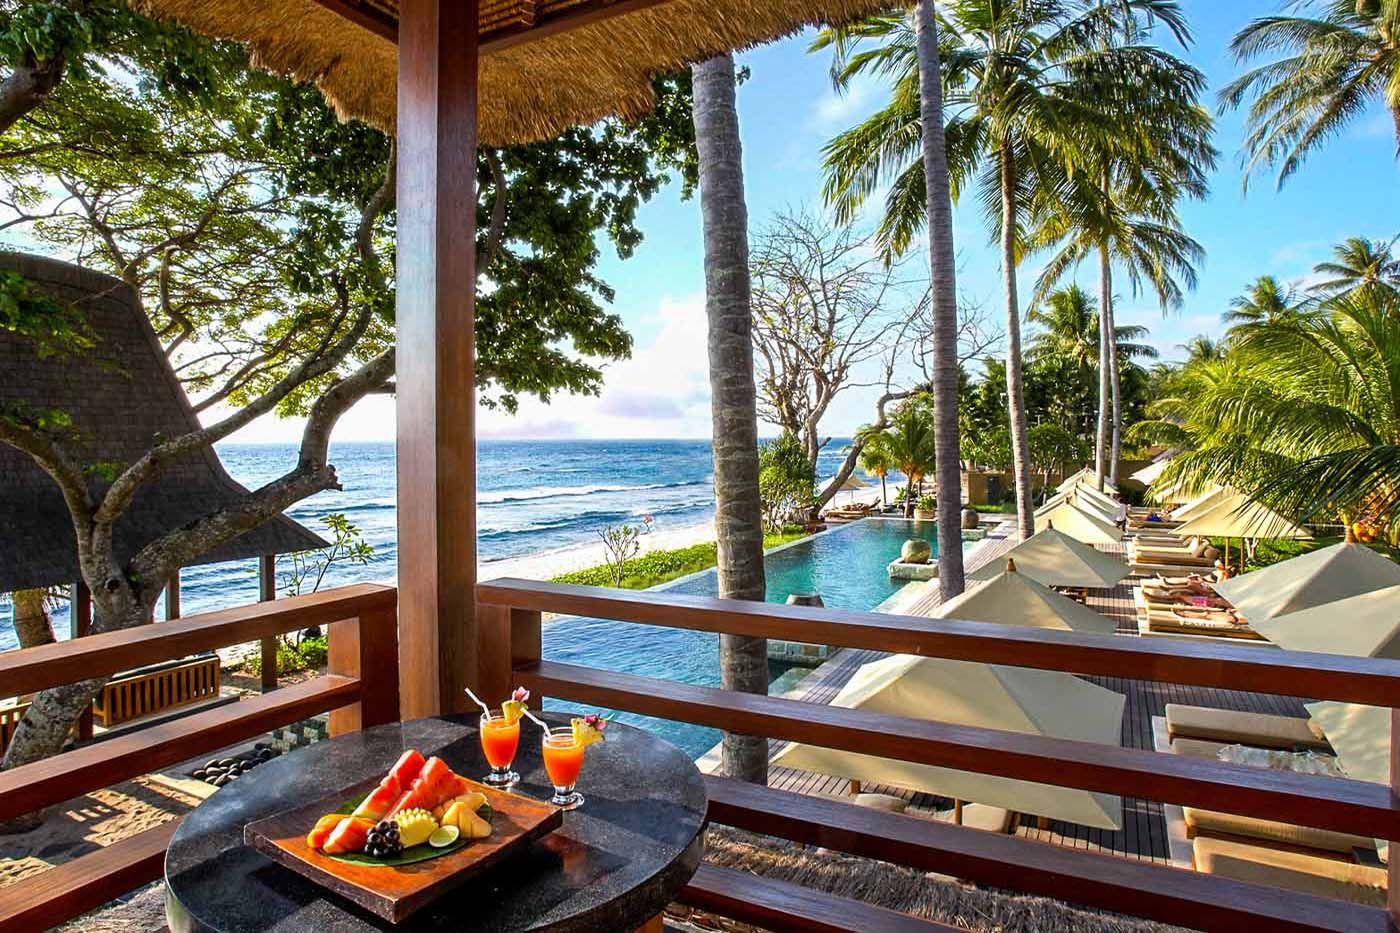 Qunci Villas Boutique Hotel Villas In Senggigi Lombok Ocean View Hotel Lombok Boutique Hotel